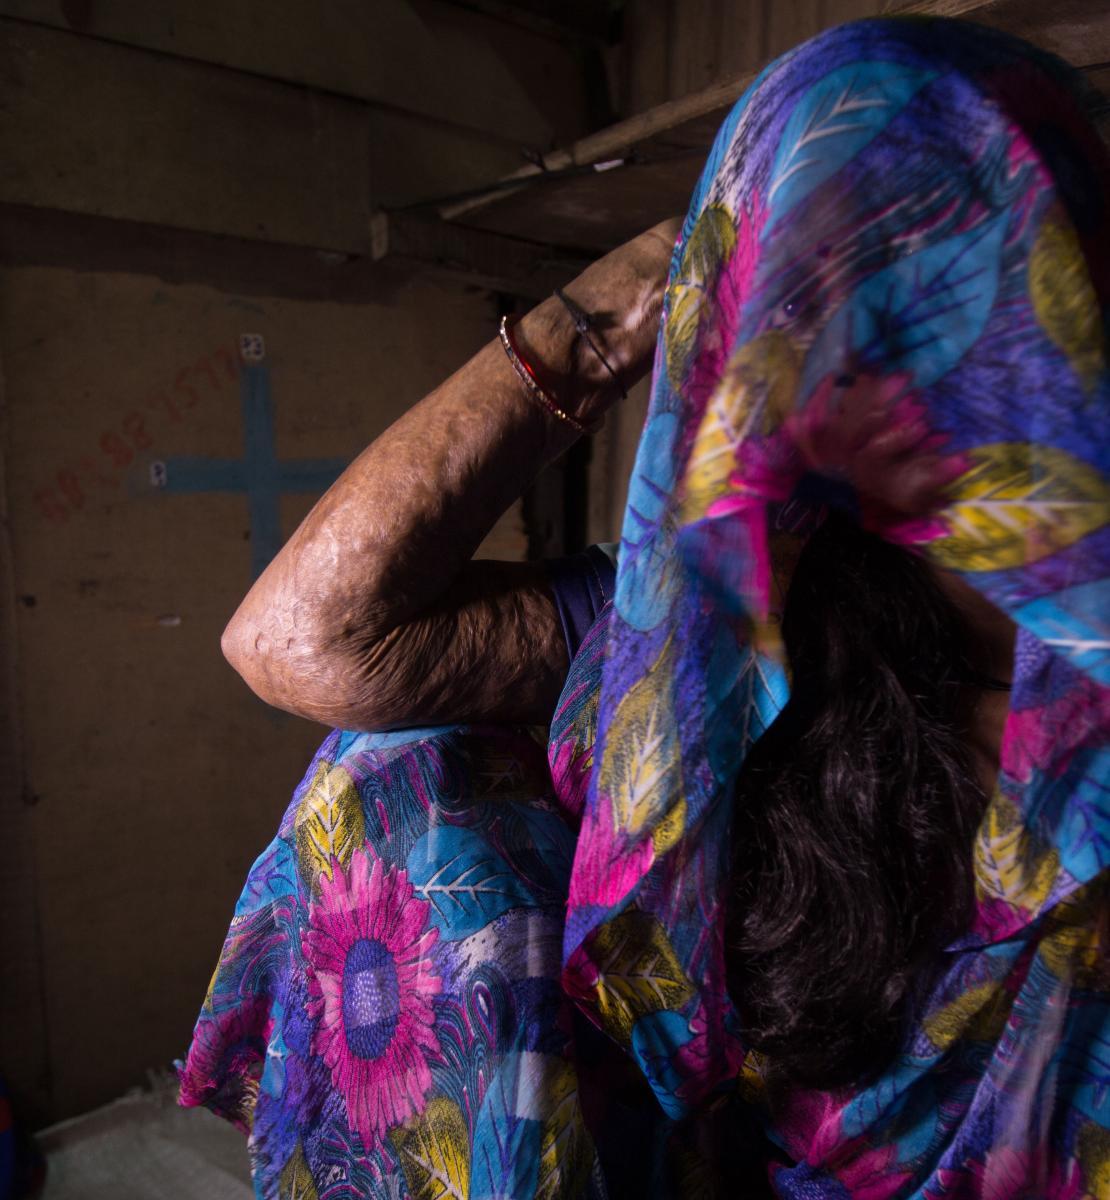 一个女人坐在地板上,看着镜头,她头上的衣服遮住了脸。